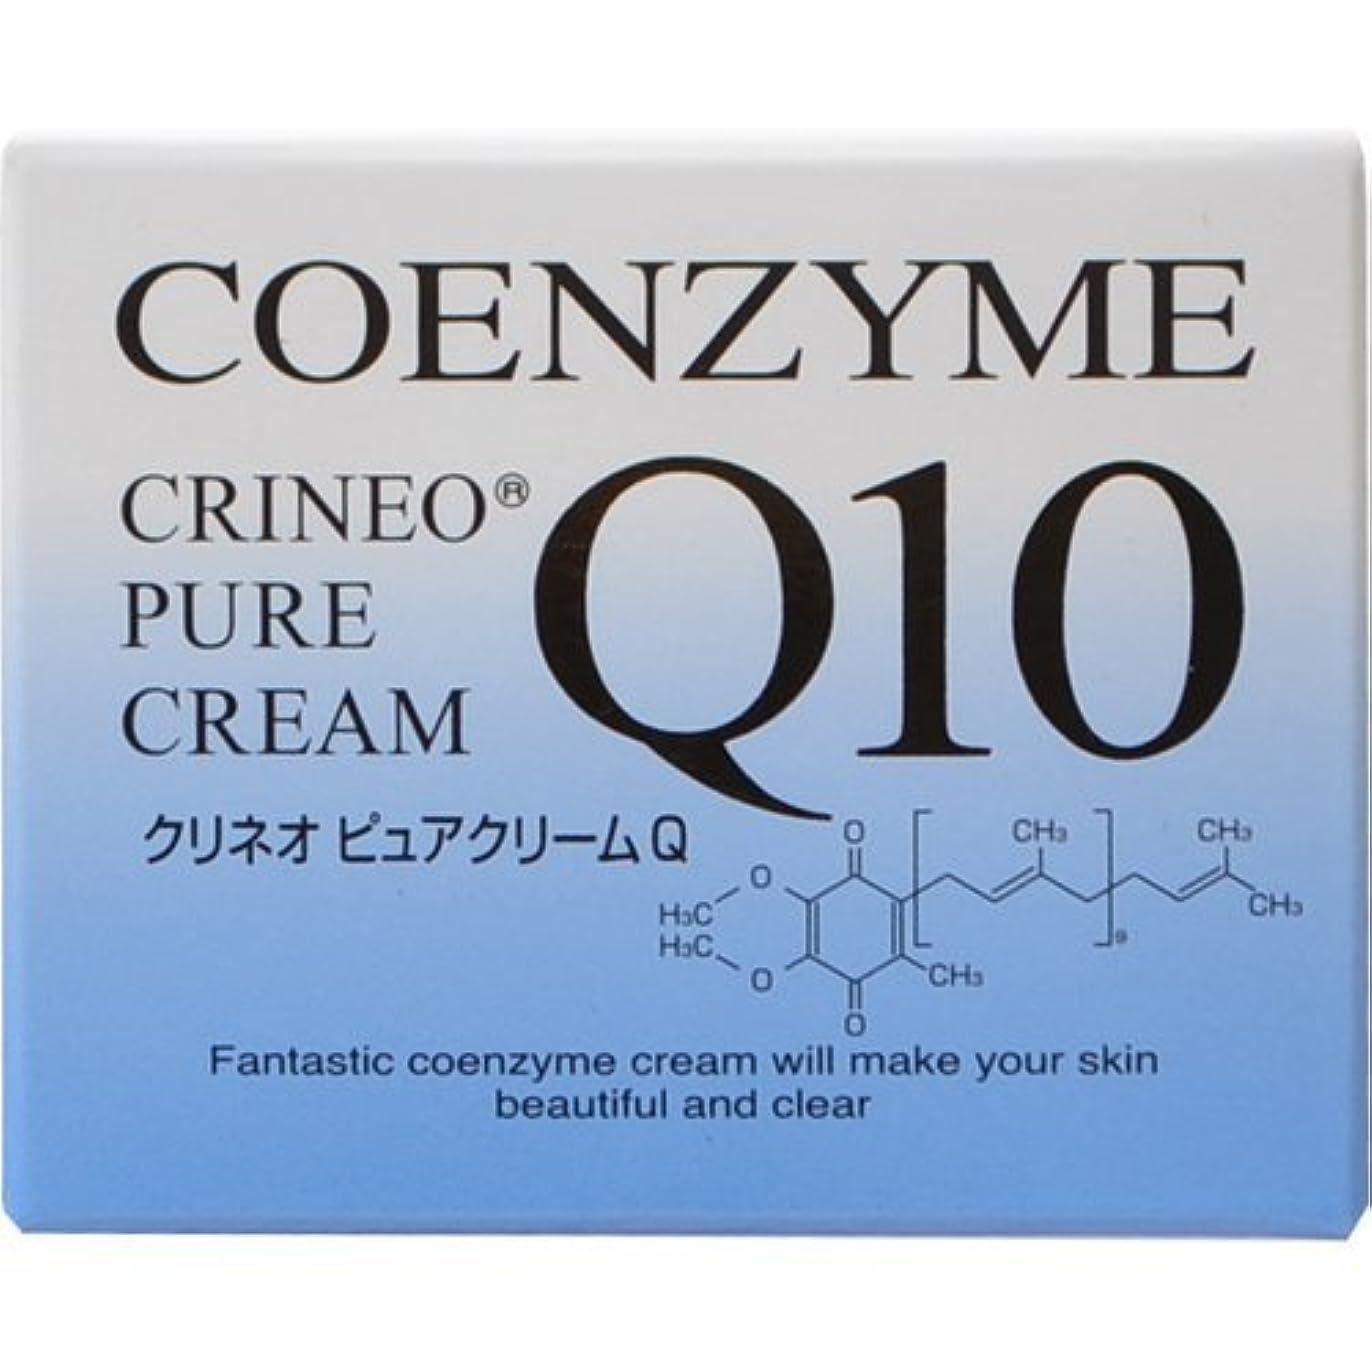 絶対の輸送雰囲気クリネオ ピュアクリームQ コエンザイムQ10を配合した浸透型の保湿クリーム